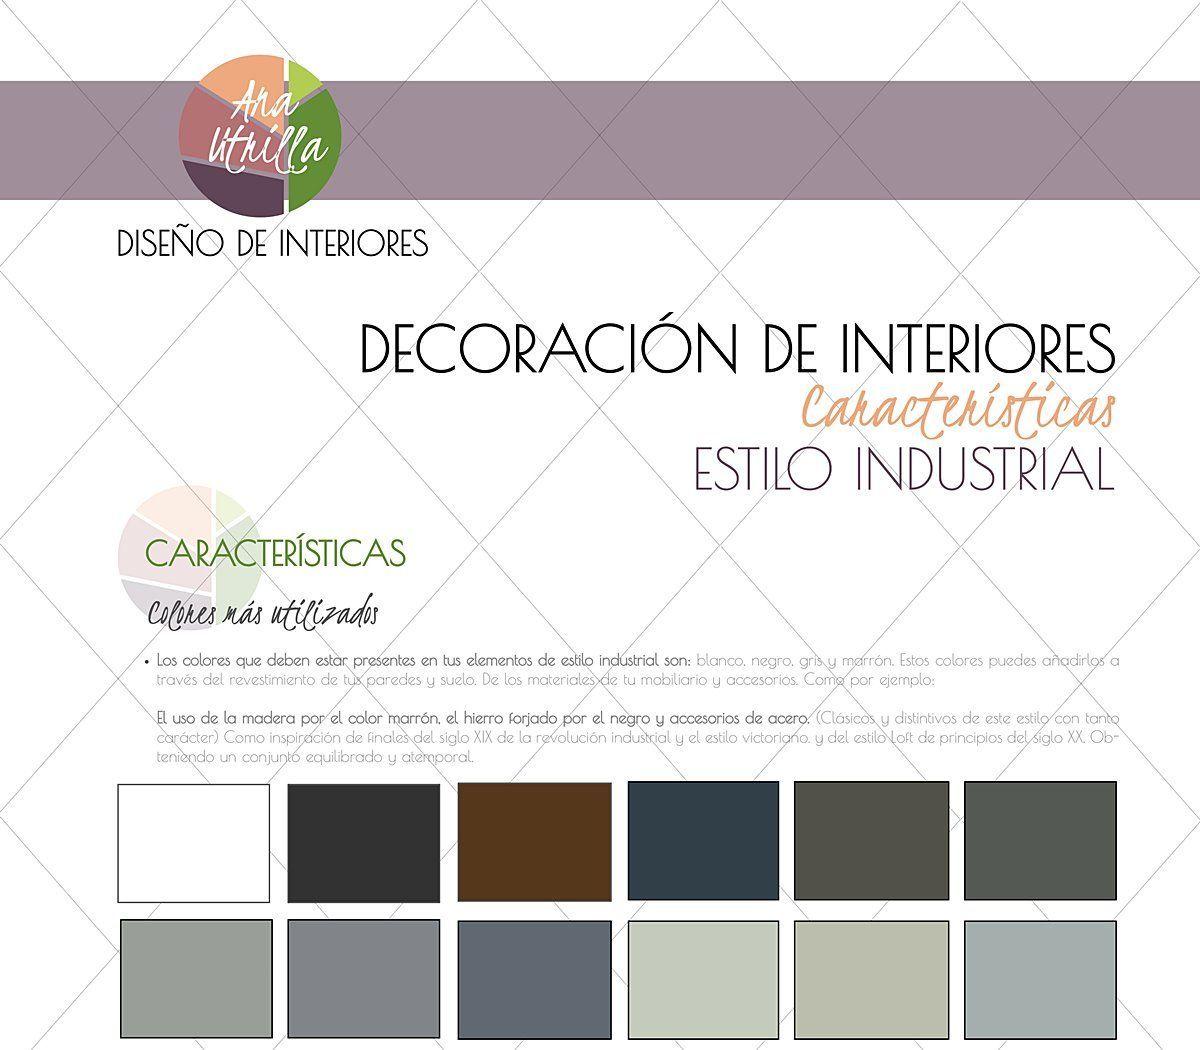 Paleta de colores que se utilizan en el estilo industrial para decoración de interiores